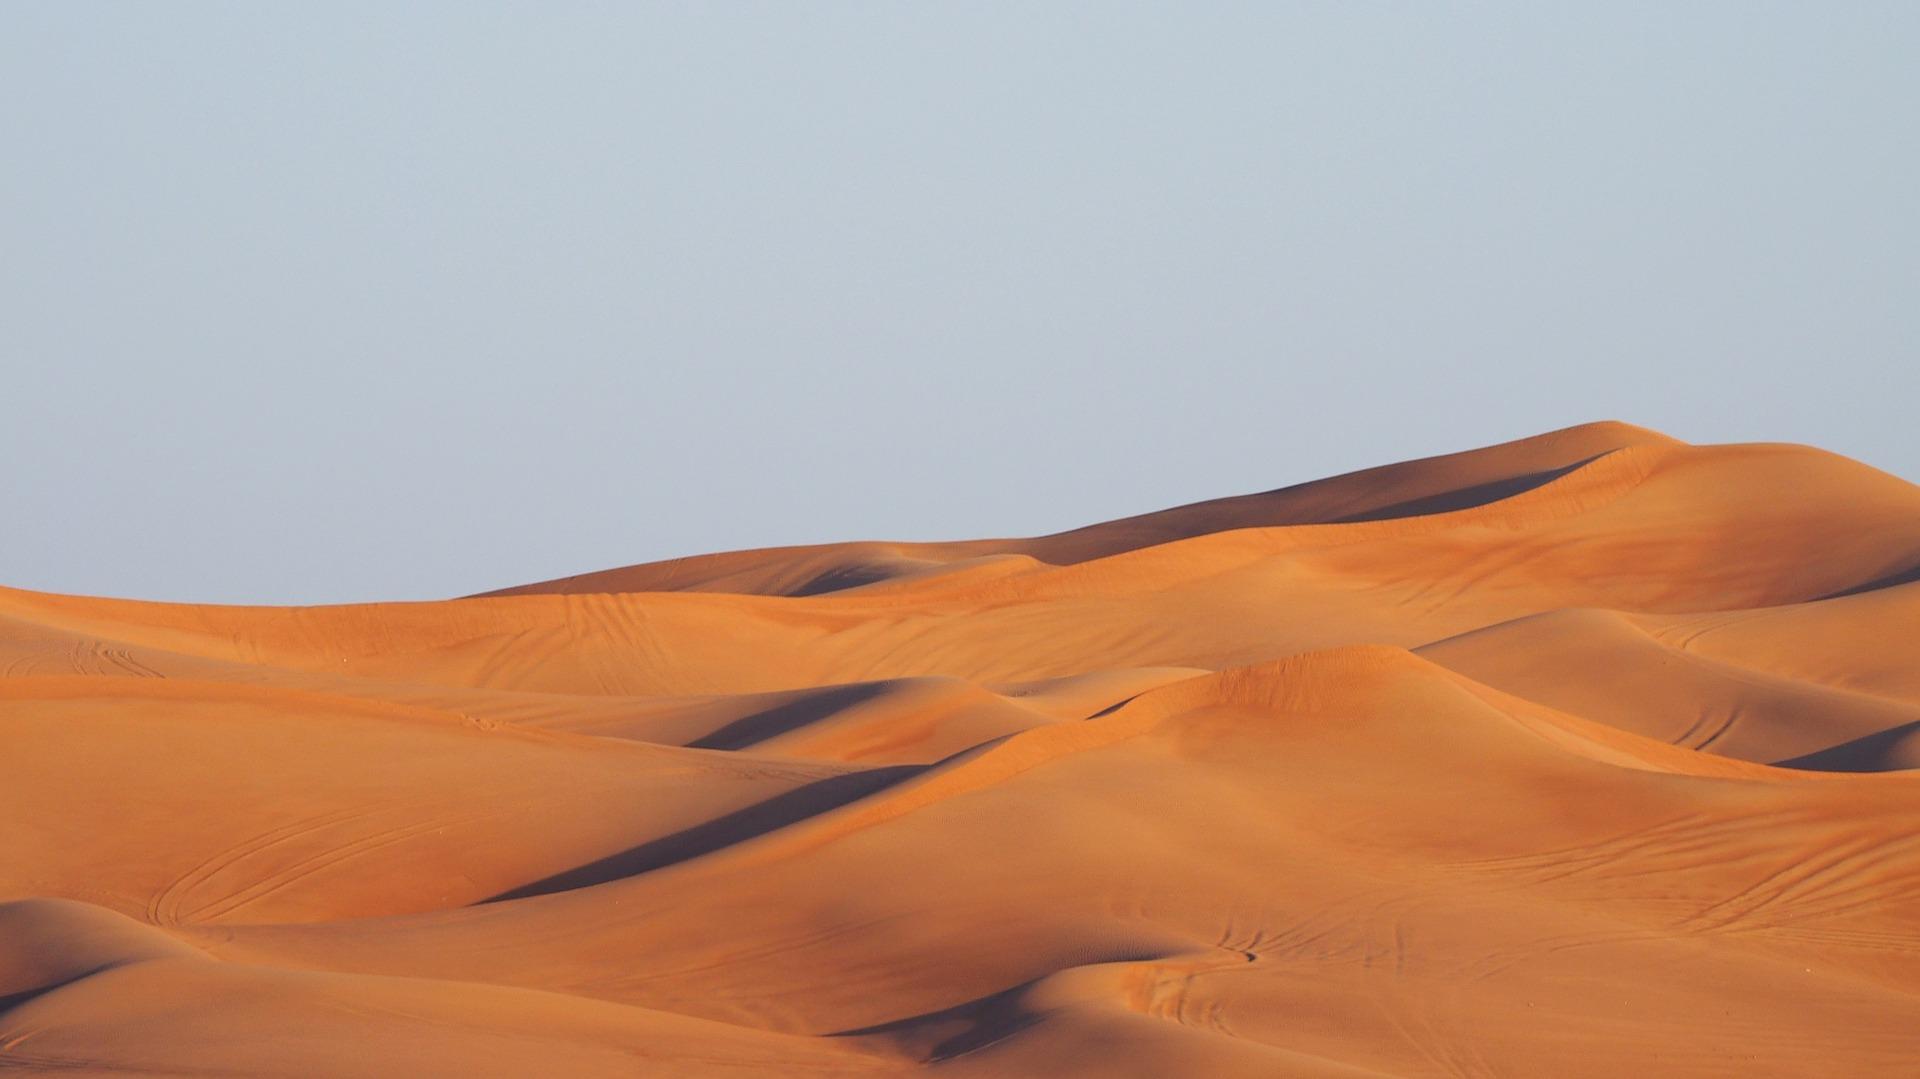 desert-690142_1920